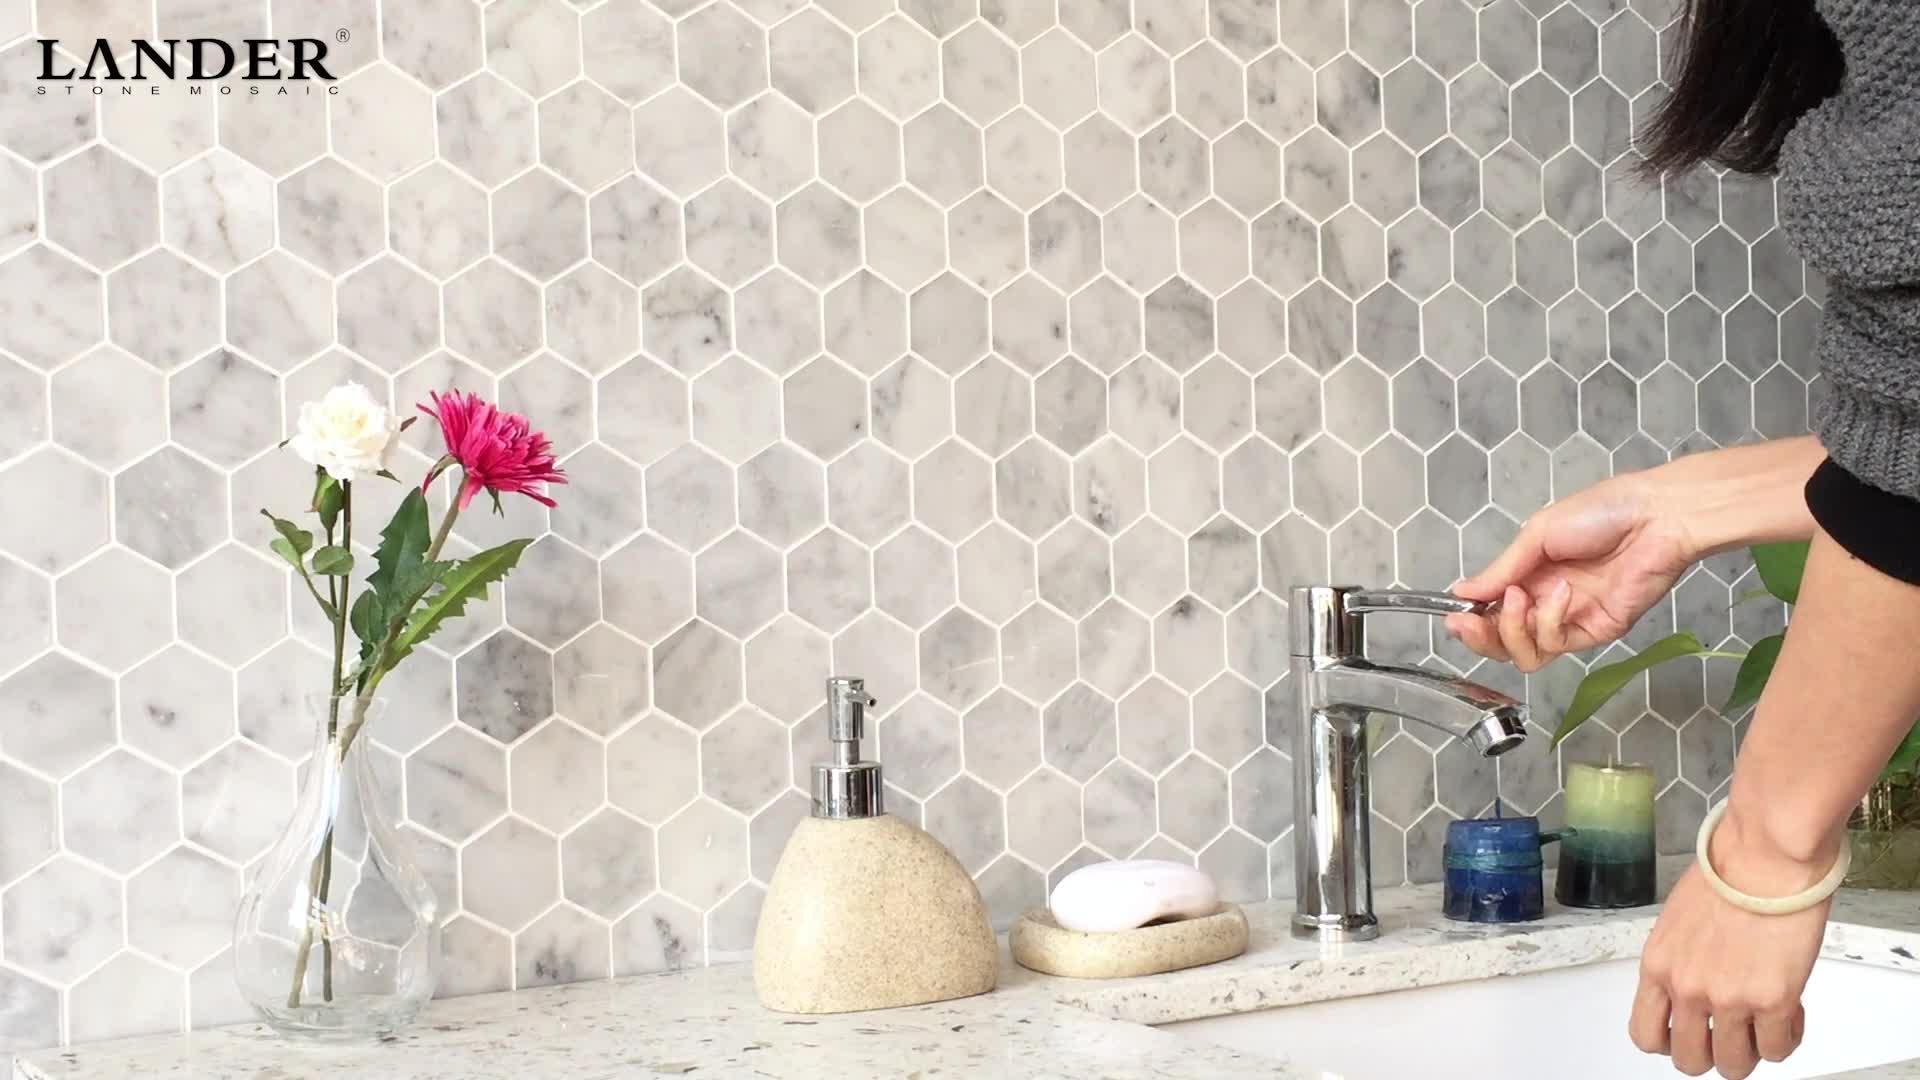 Precio de fábrica irregular Italia bianco carrara blanco mármol natural piedra hexagonal mosaico de azulejos protector de cocina azulejo